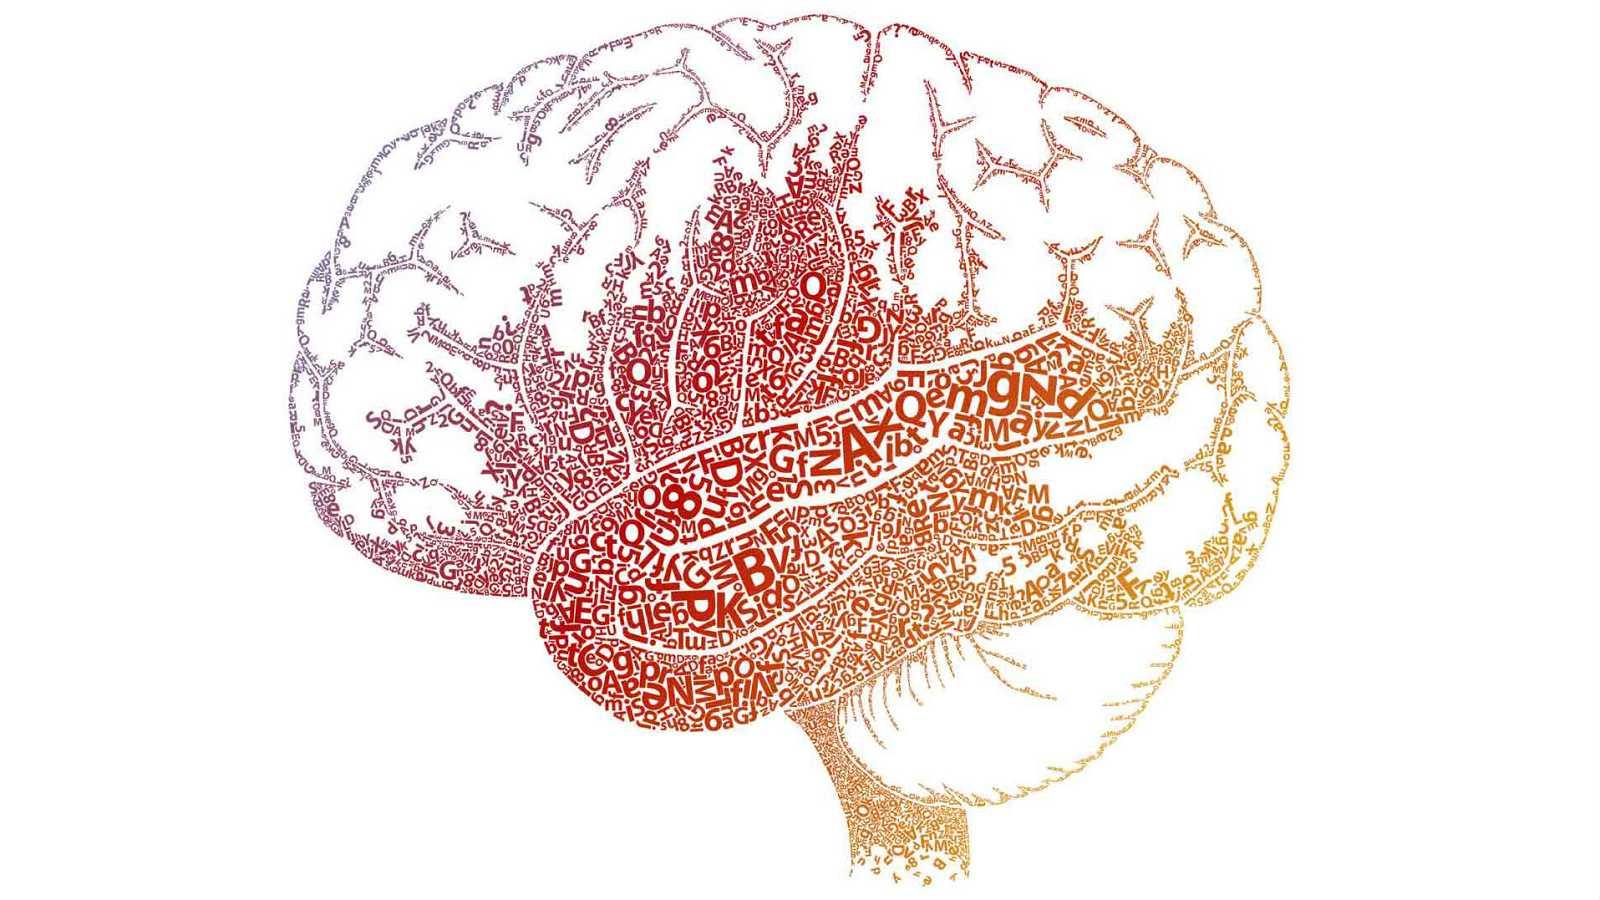 Complementarios - El cerebro emocional y el arte de educar con amor - 17/09/17 - Escuchar ahora